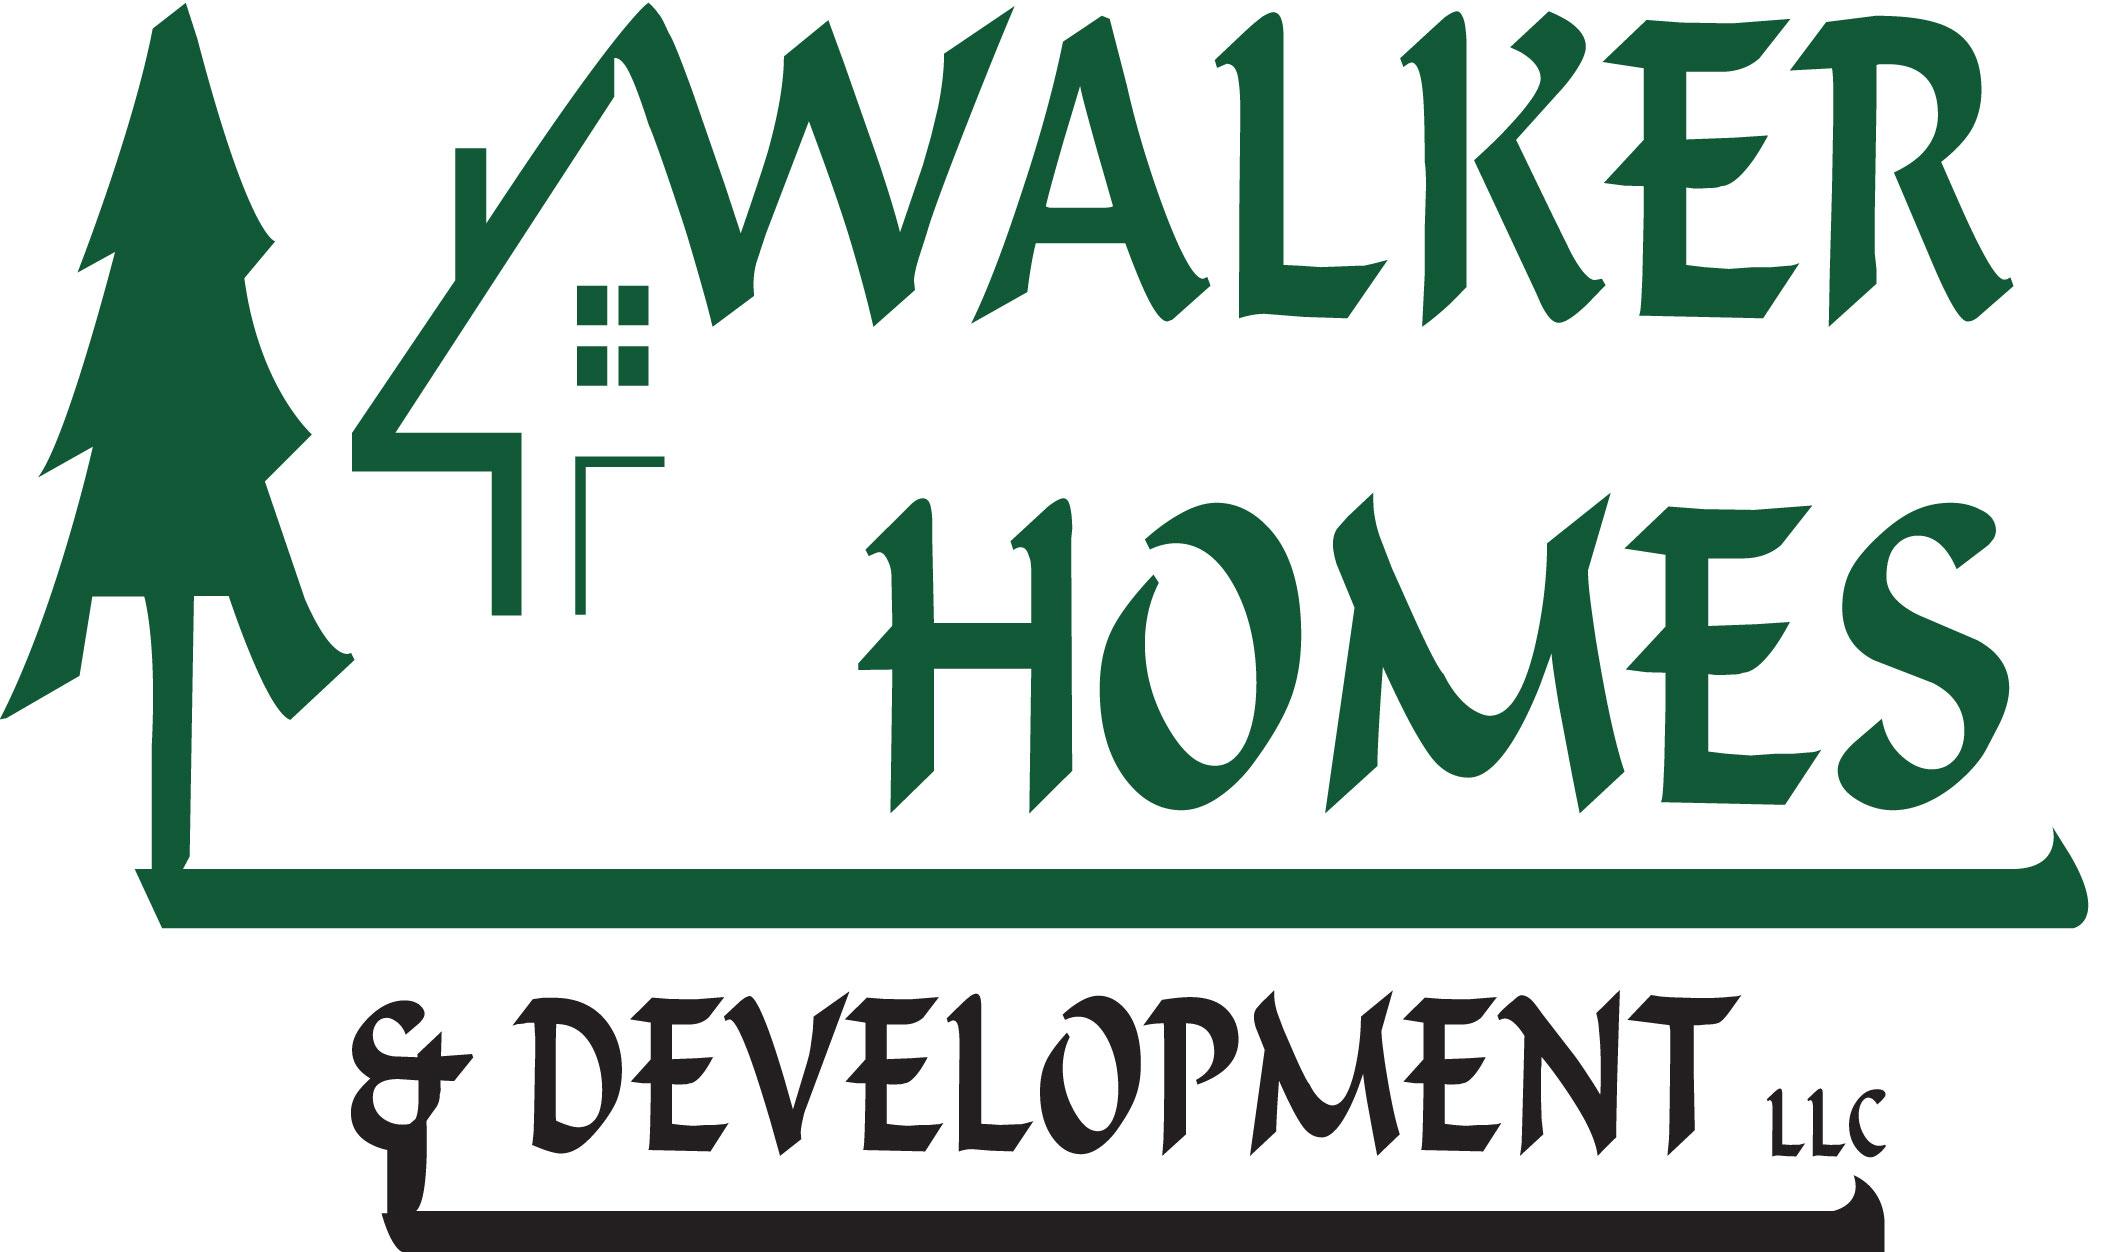 Walker Homes Logo.jpg